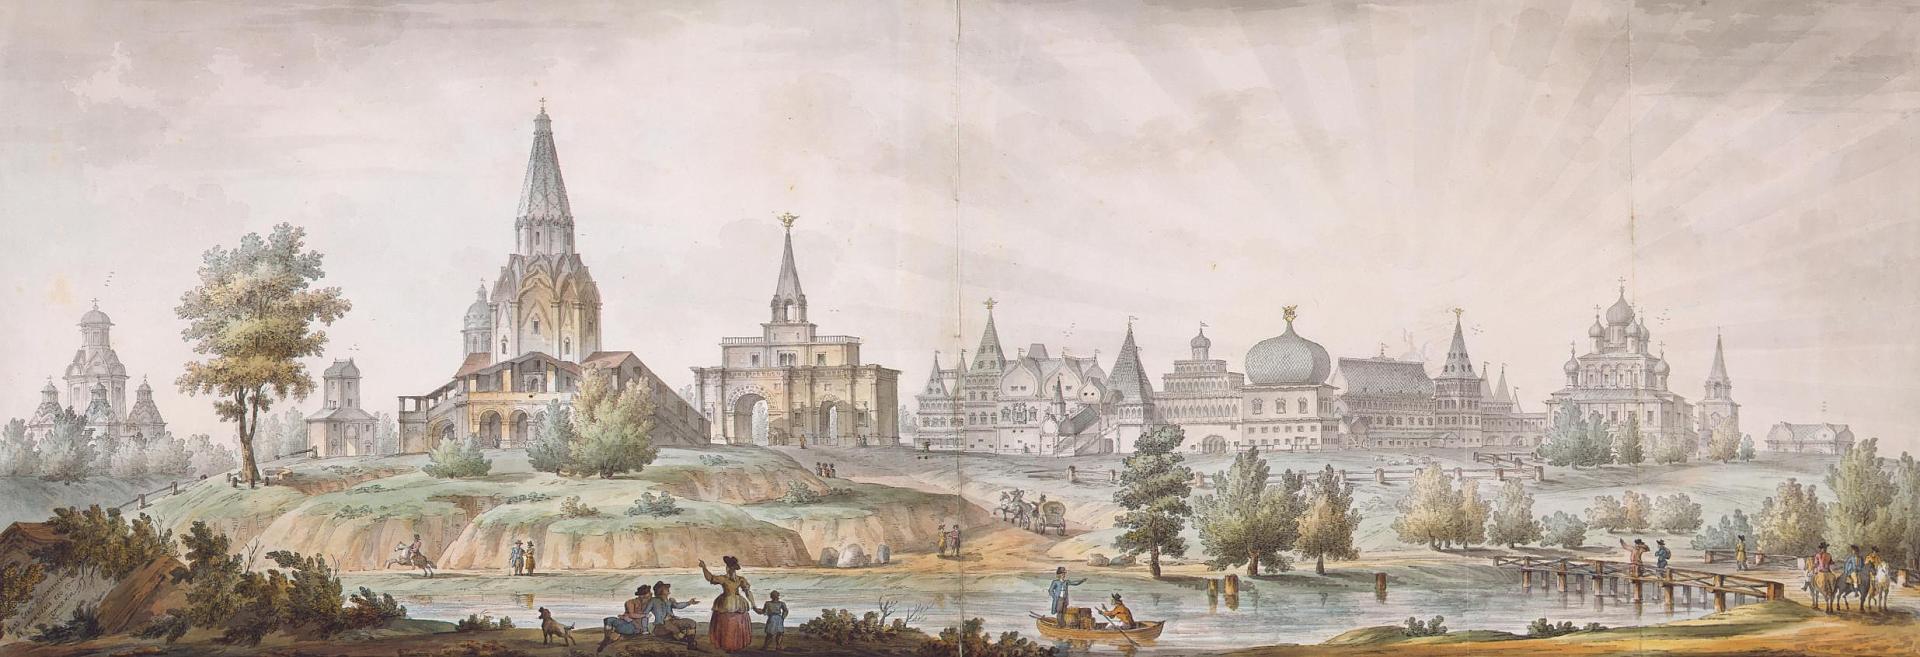 Панорама села Коломенского в XVIII веке. Работа Дмитрия Сухова по рисунку Джакомо Кваренги, 1930 год